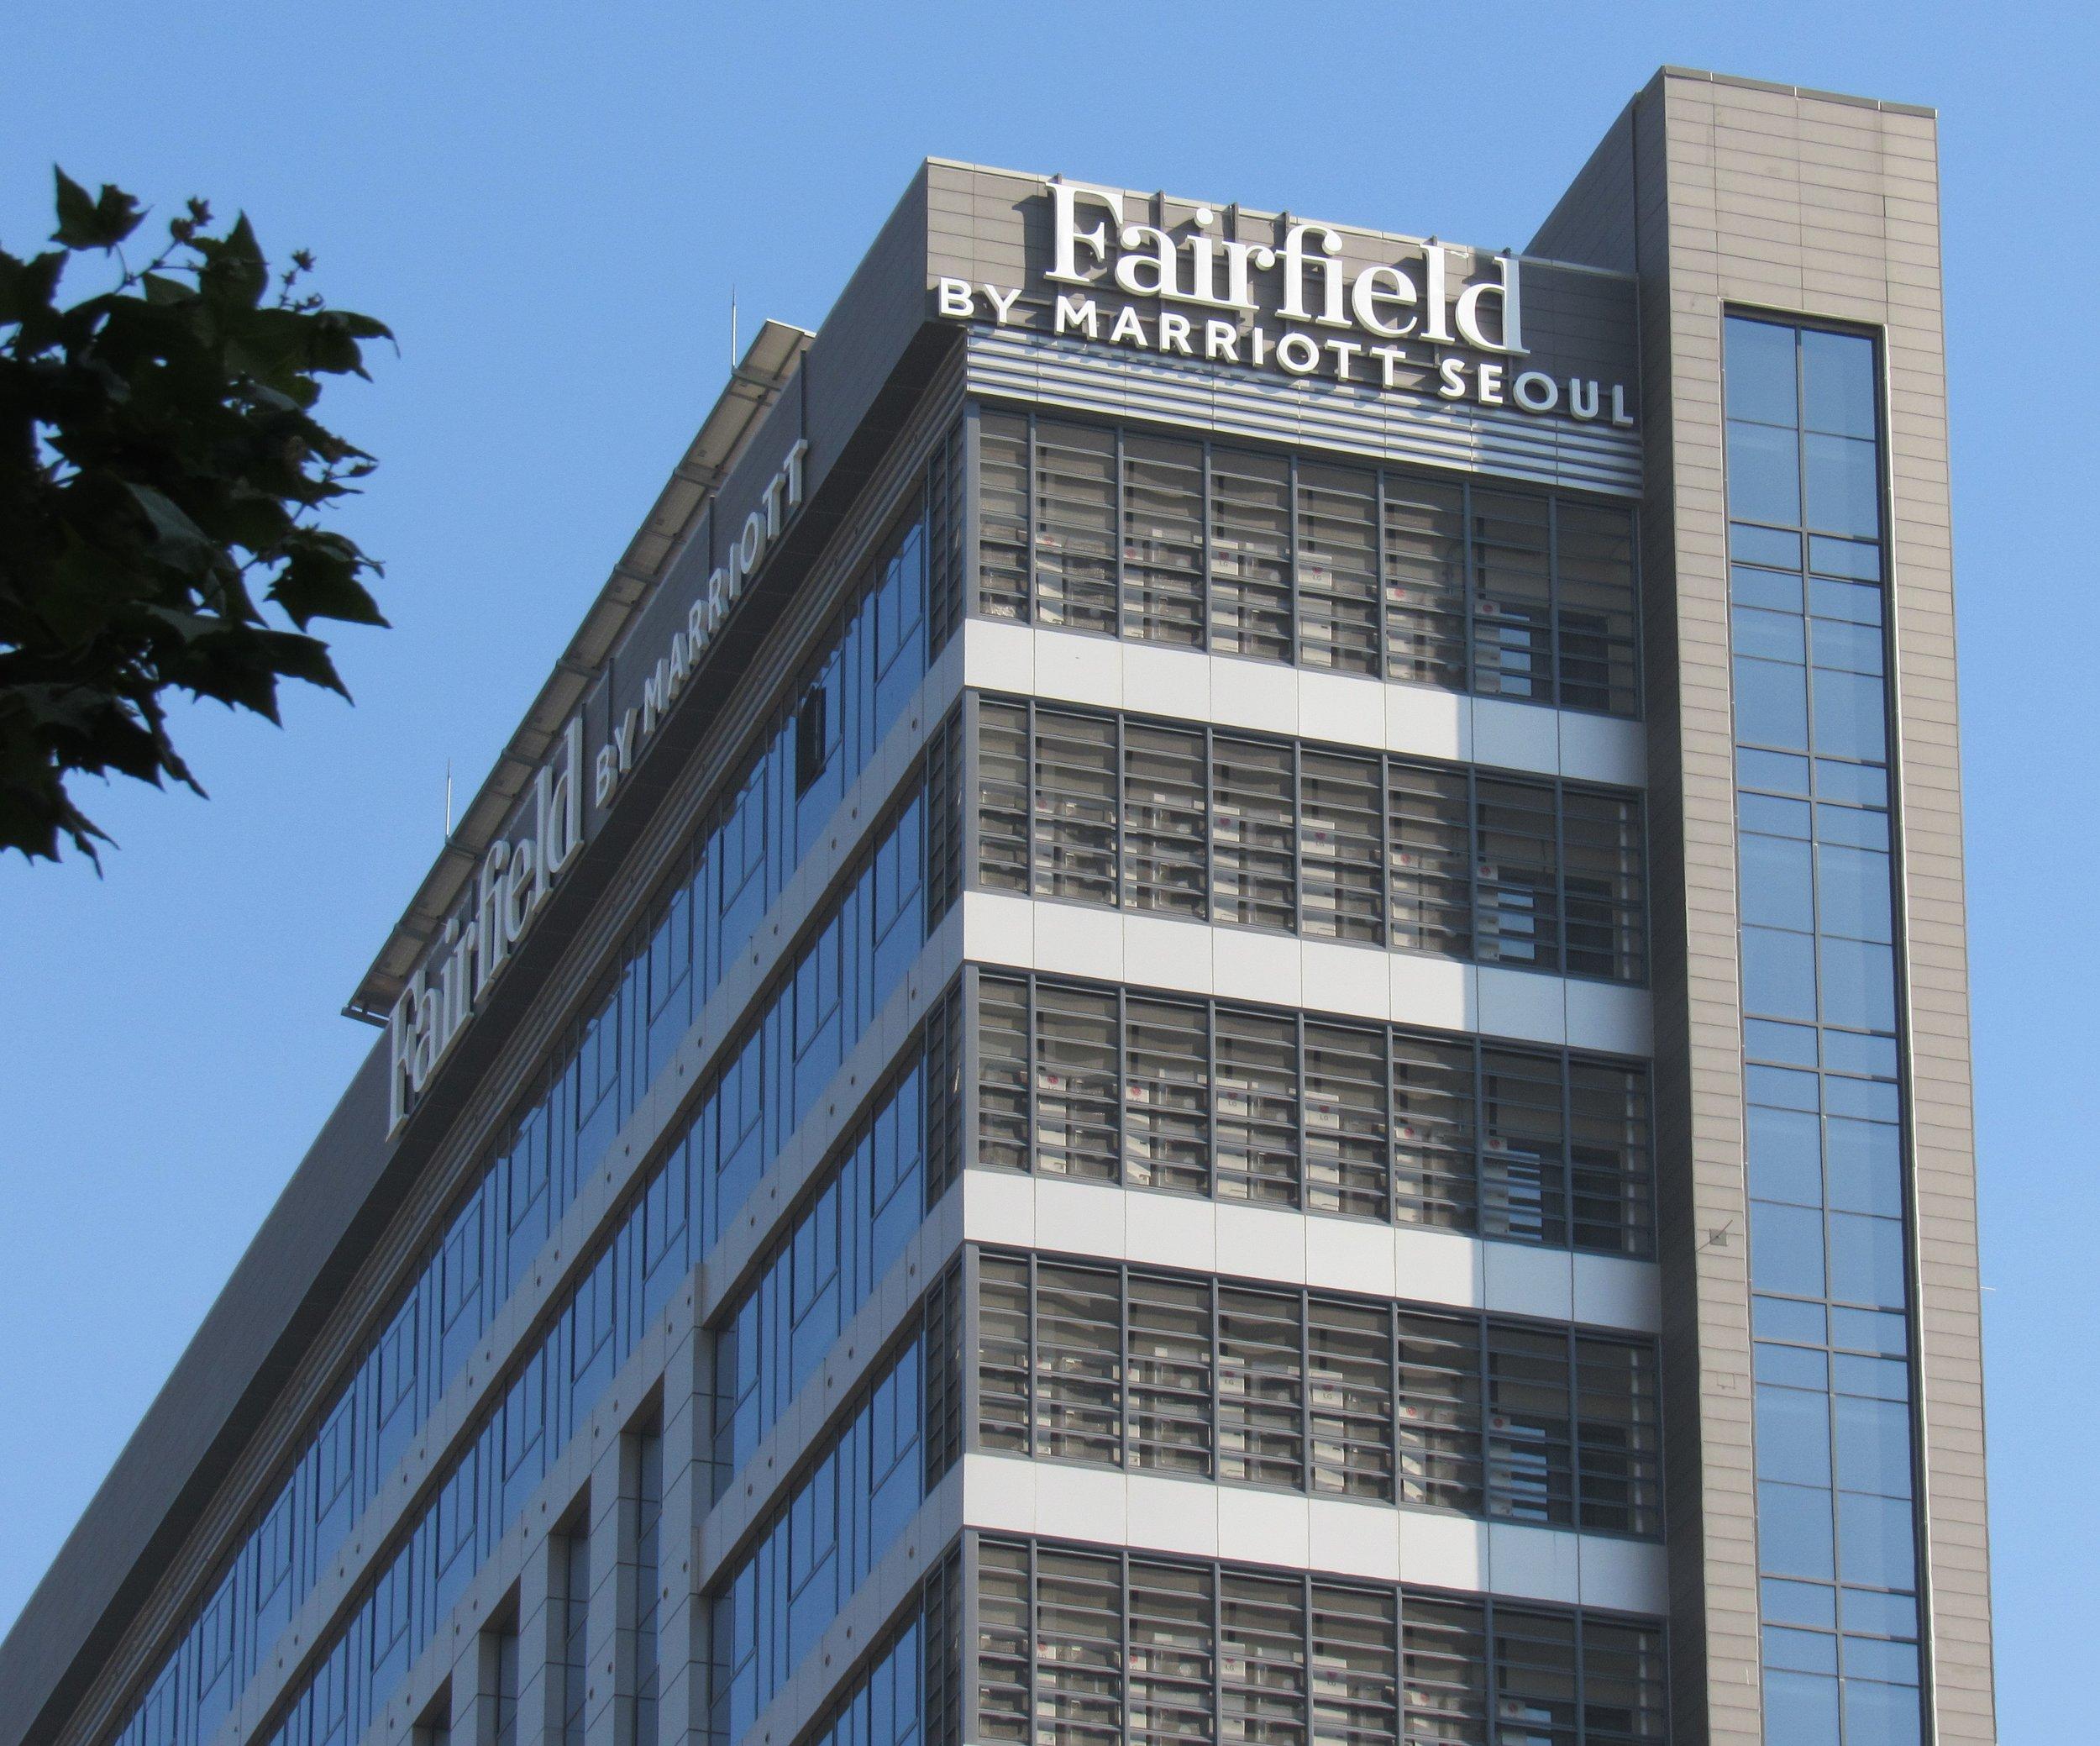 Fairfield by Marriott Seoul © Flyga Twiga LLC